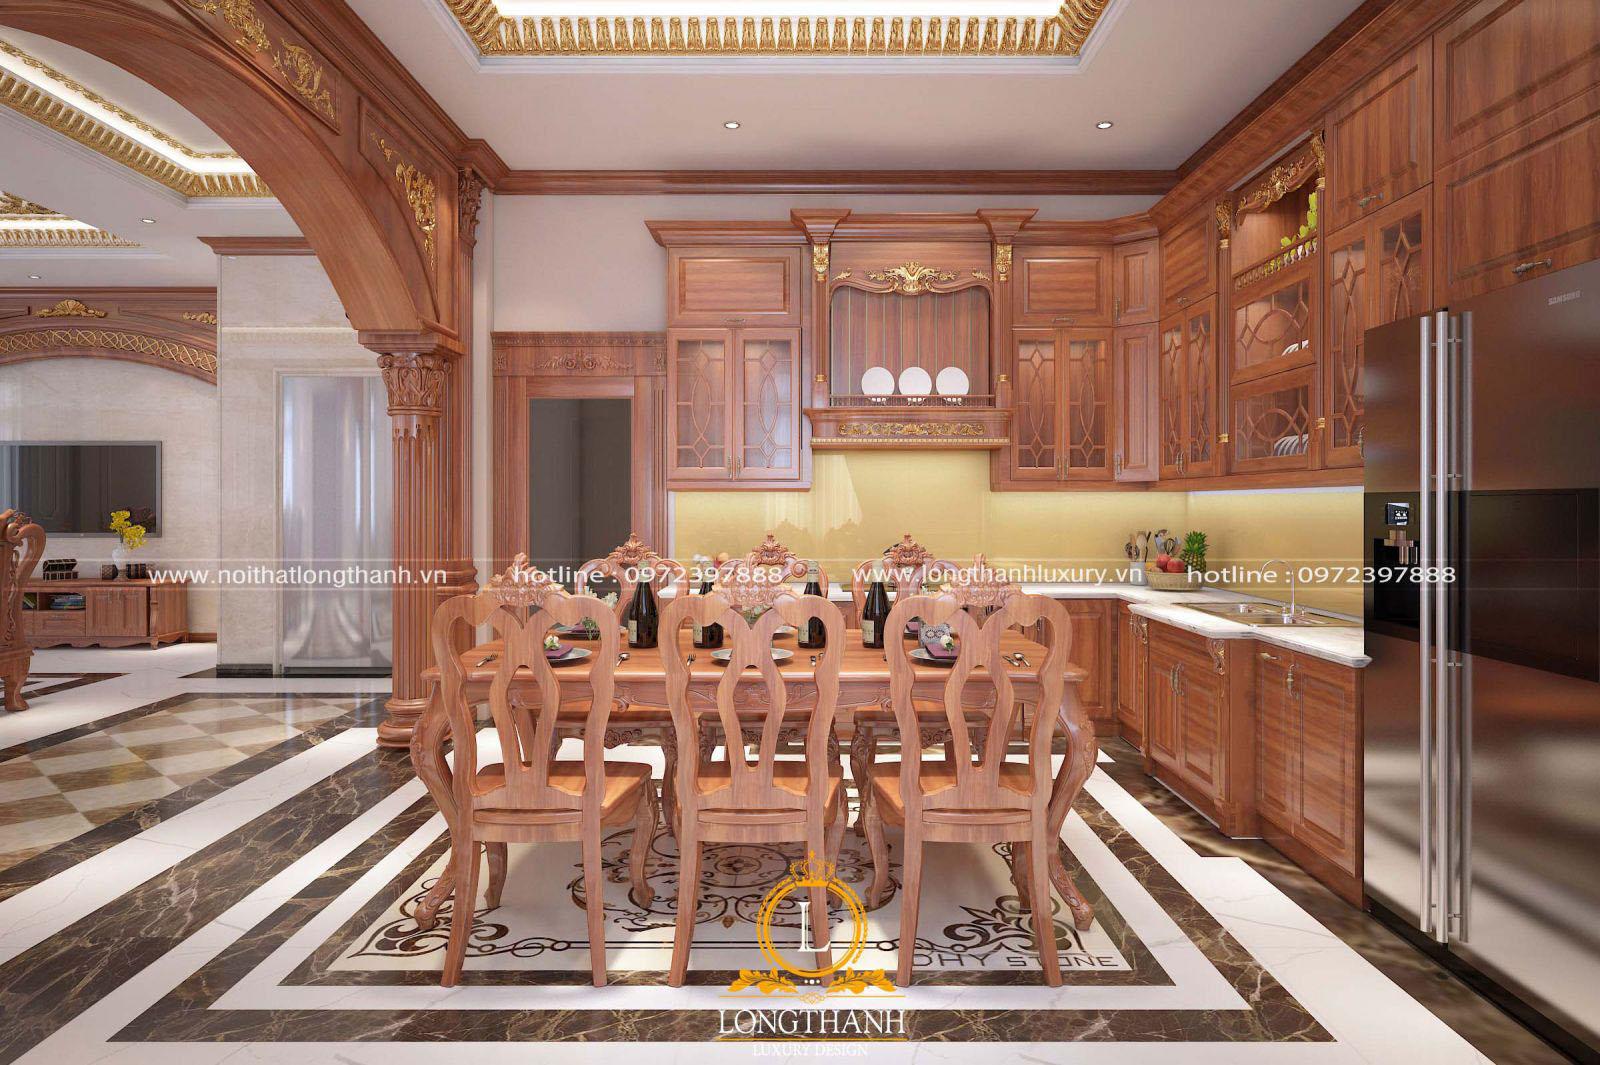 Tủ bếp gỗ tự nhiêncó giá trị bền vững lâu dài với thời gian